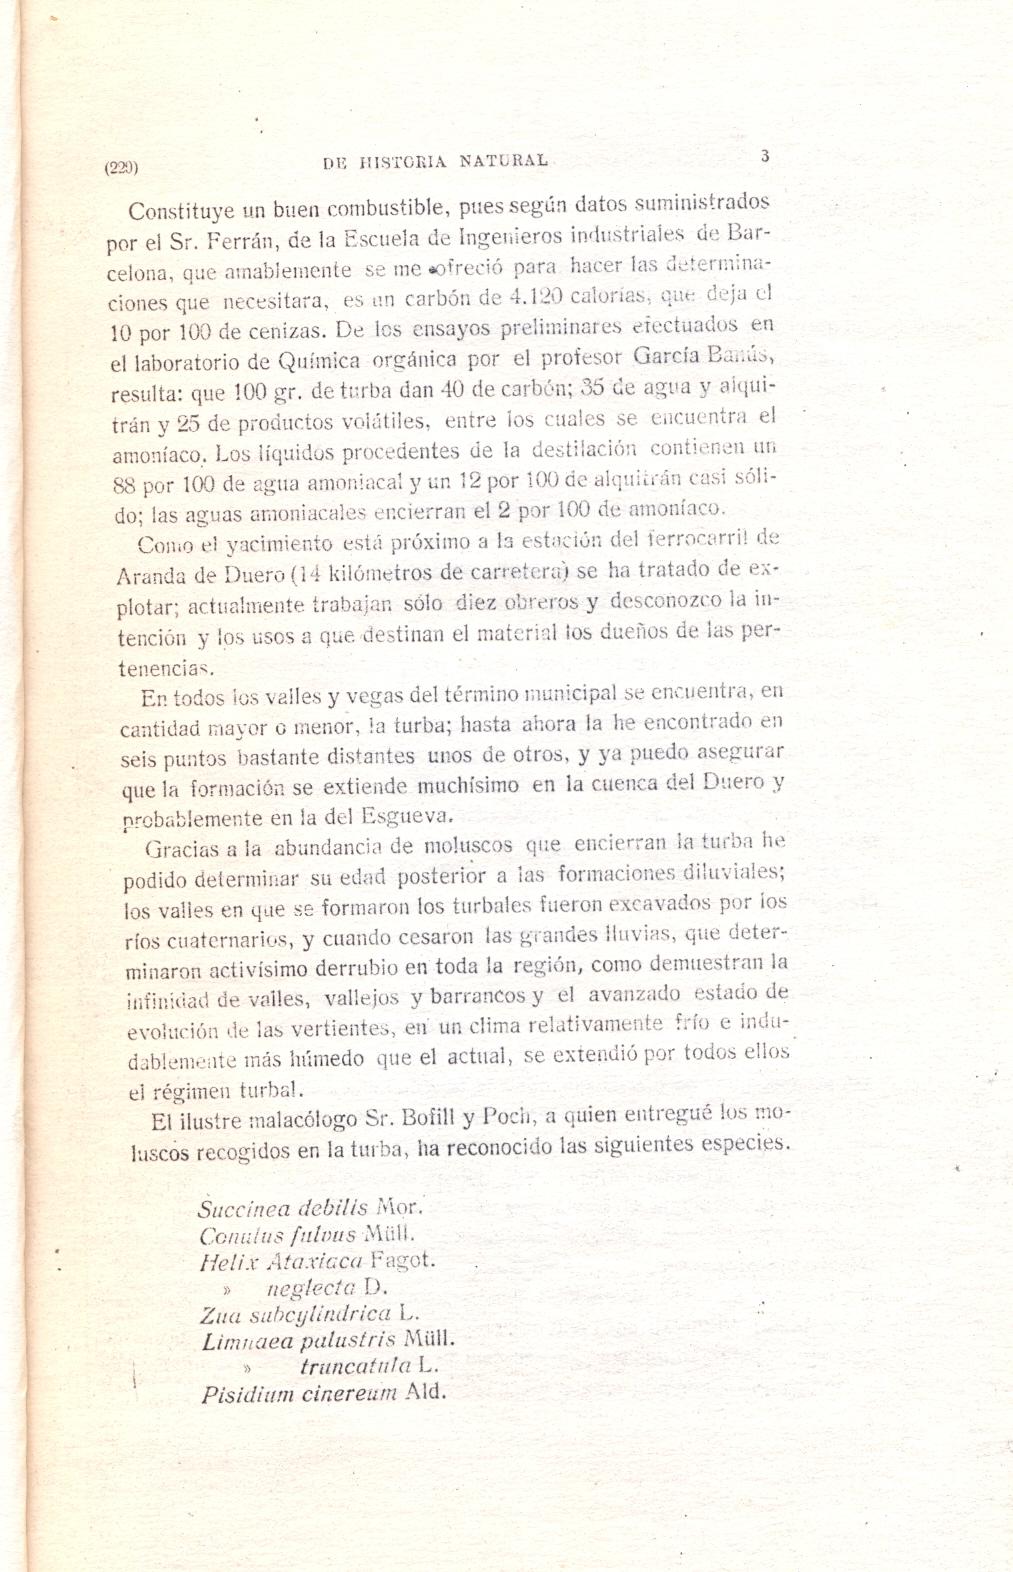 página 3 del artículo